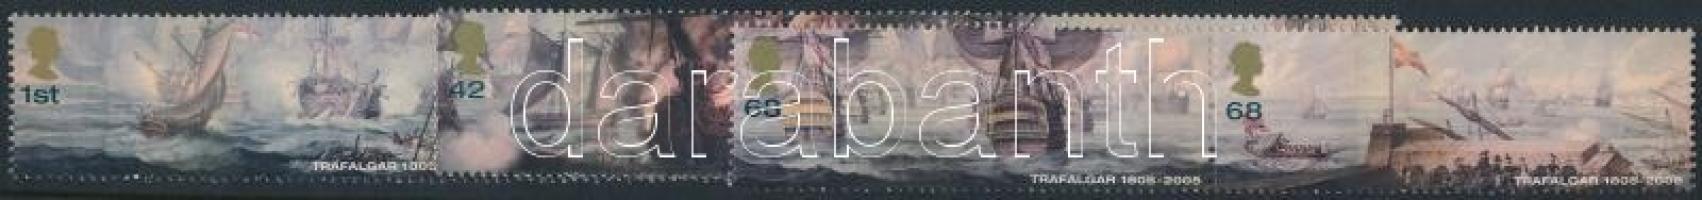 2005 A trafalgári csata 200. évfordulója 3 pár Mi 2348-2353